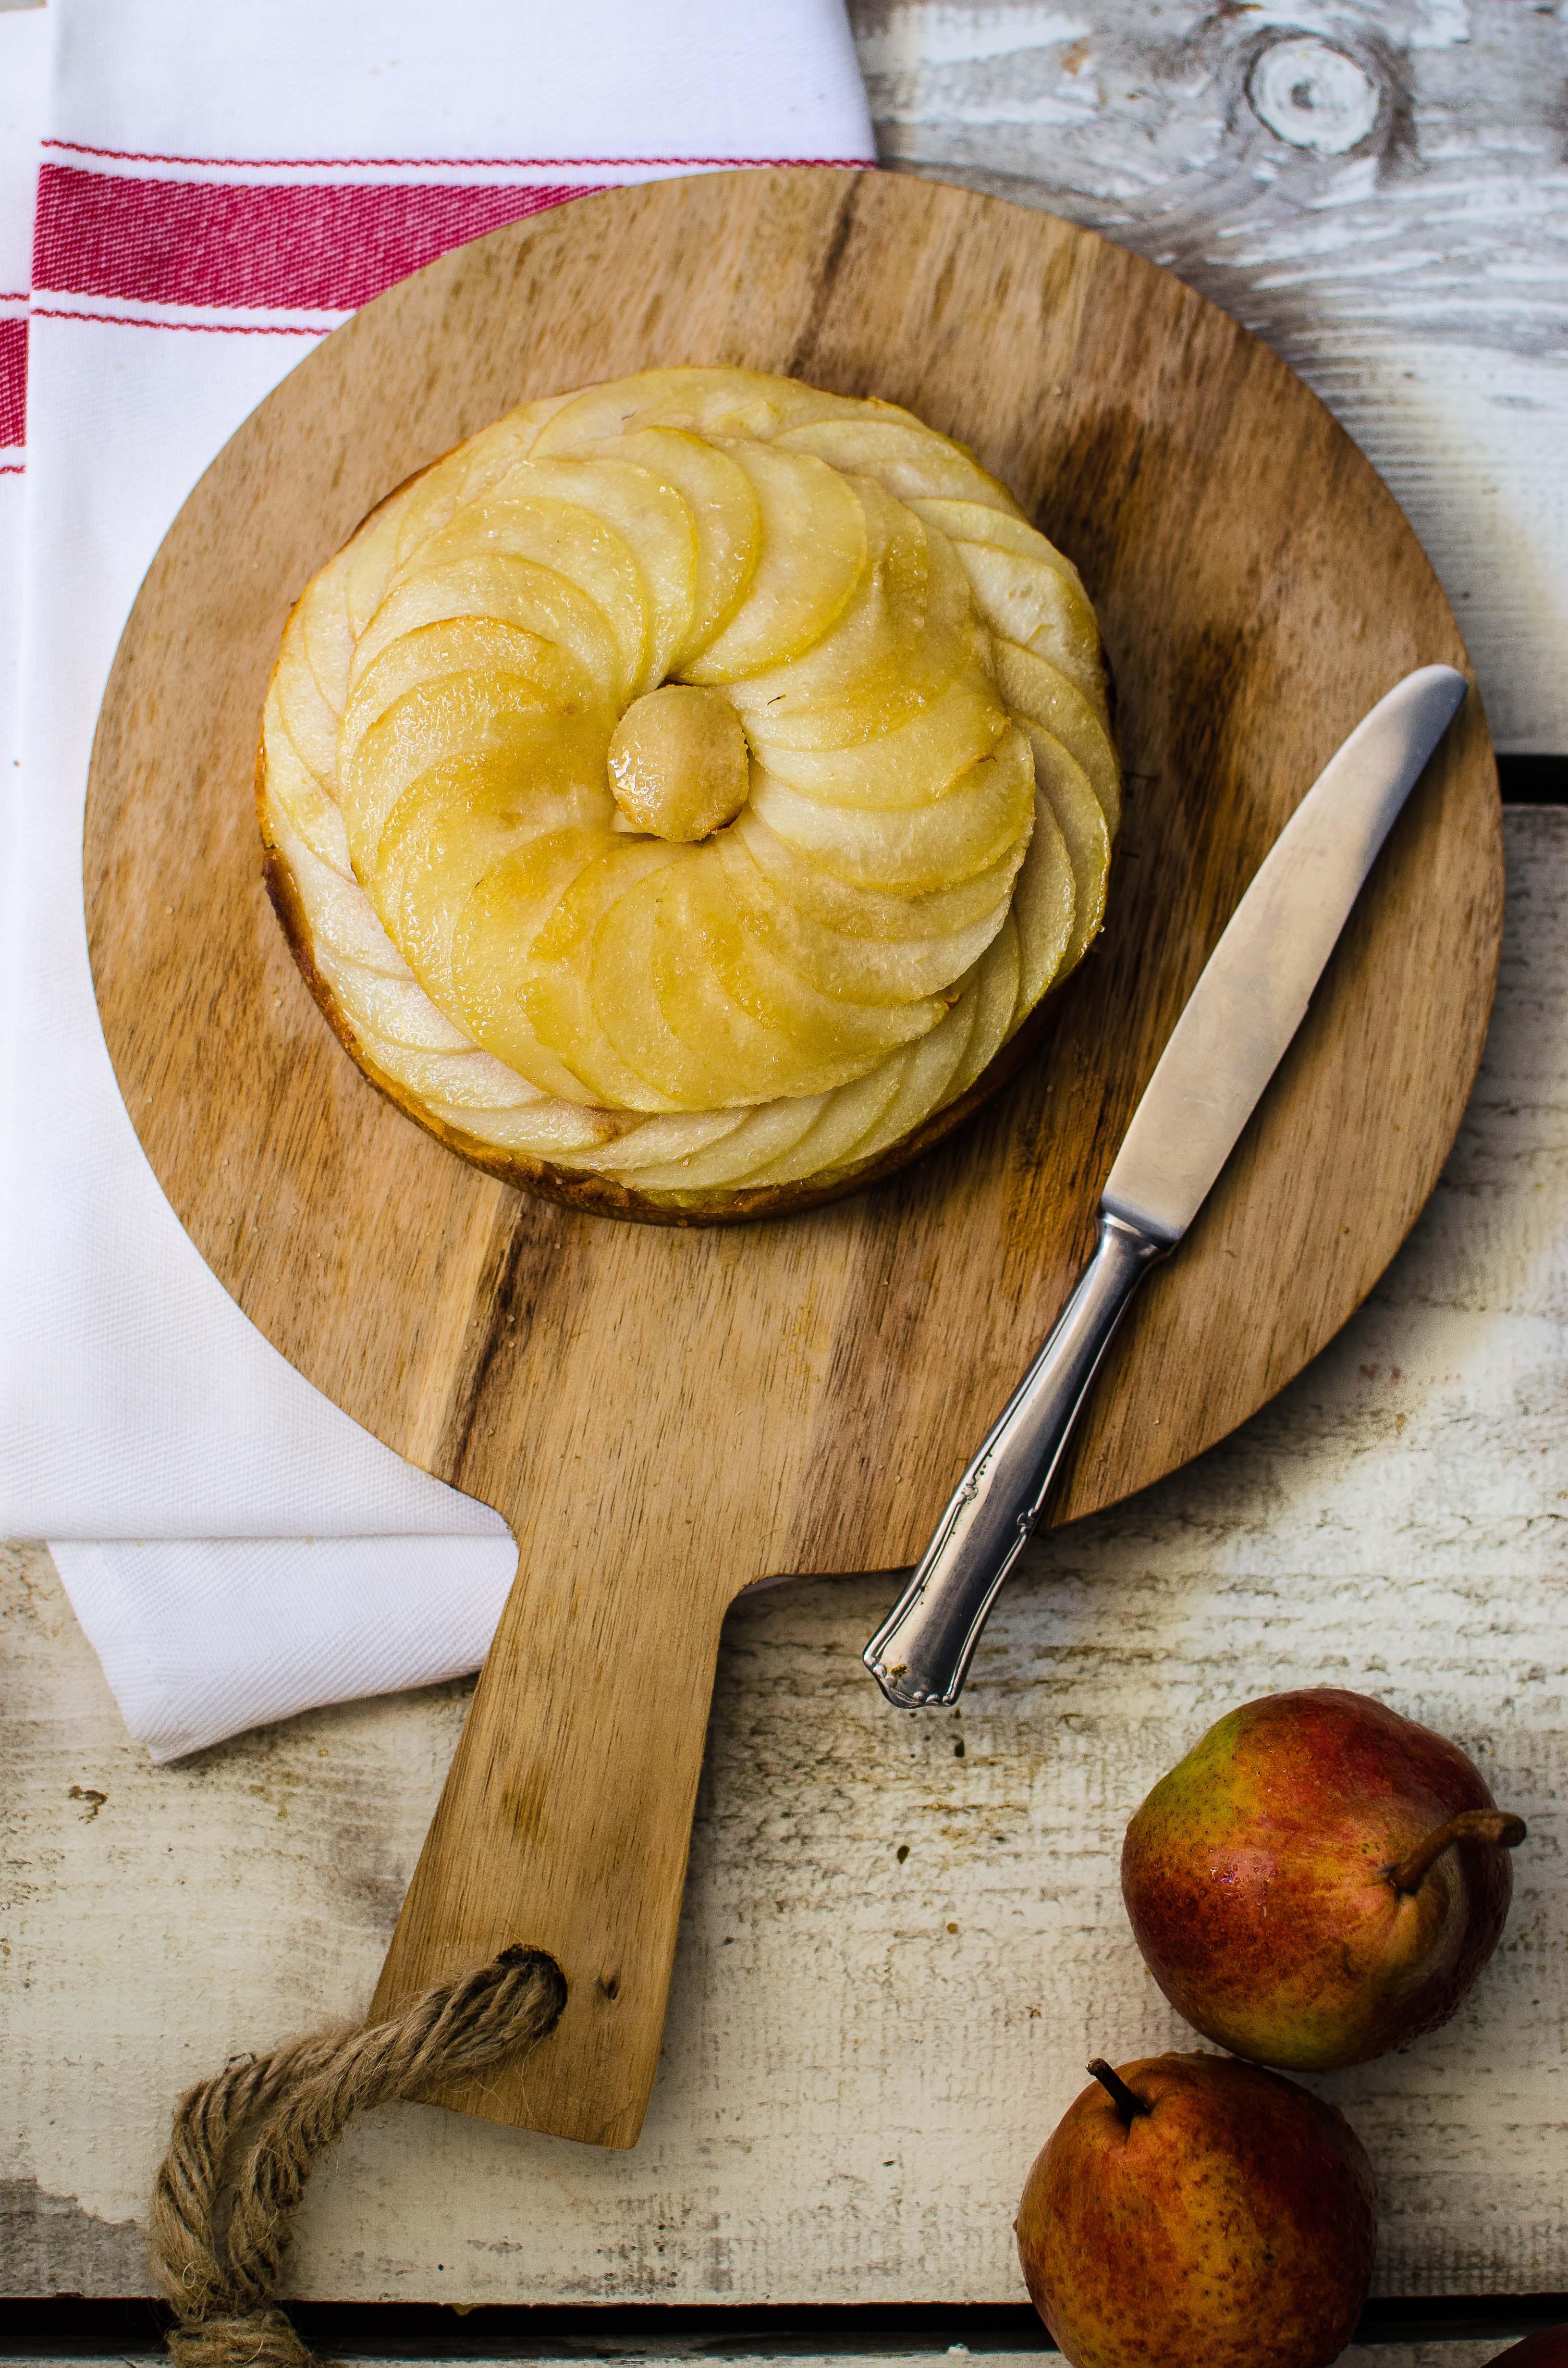 tarte_pere02 Tarte aux poires